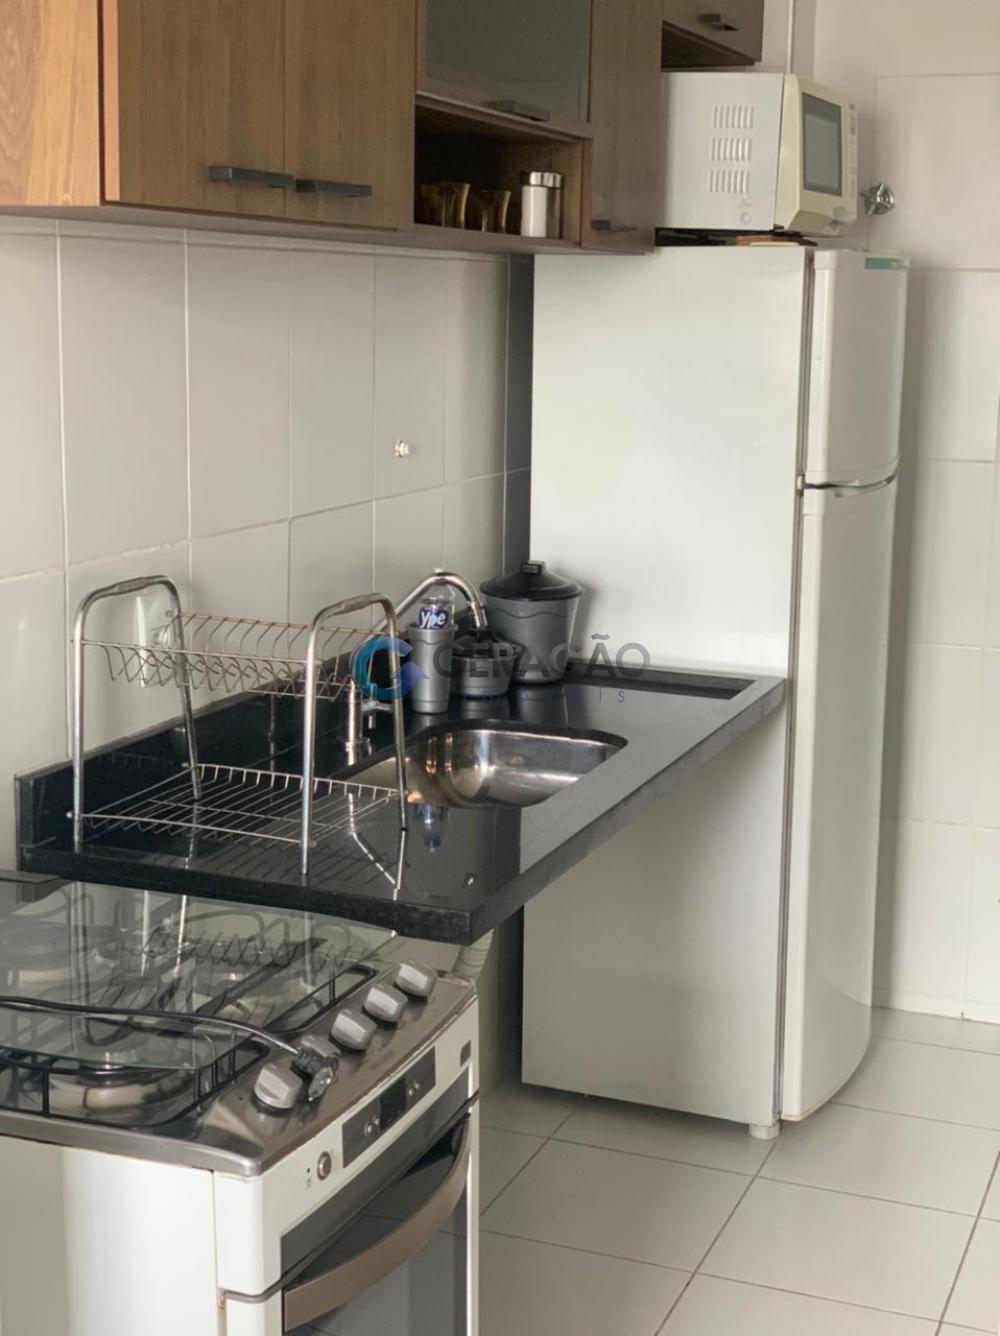 Comprar Apartamento / Padrão em São José dos Campos R$ 420.000,00 - Foto 14